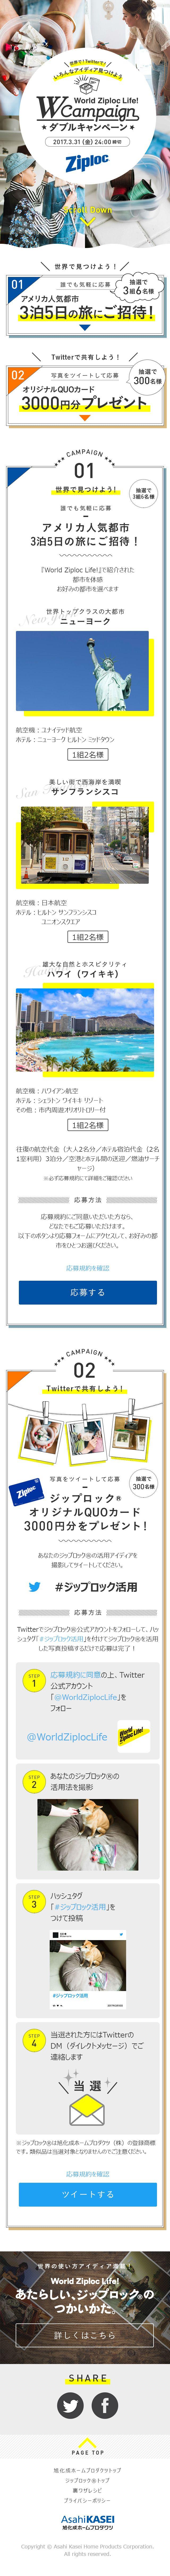 World Ziploc Life! ダブルキャンペーン【日用雑貨関連】のLPデザイン。WEBデザイナーさん必見!スマホランディングページのデザイン参考に(シンプル系)